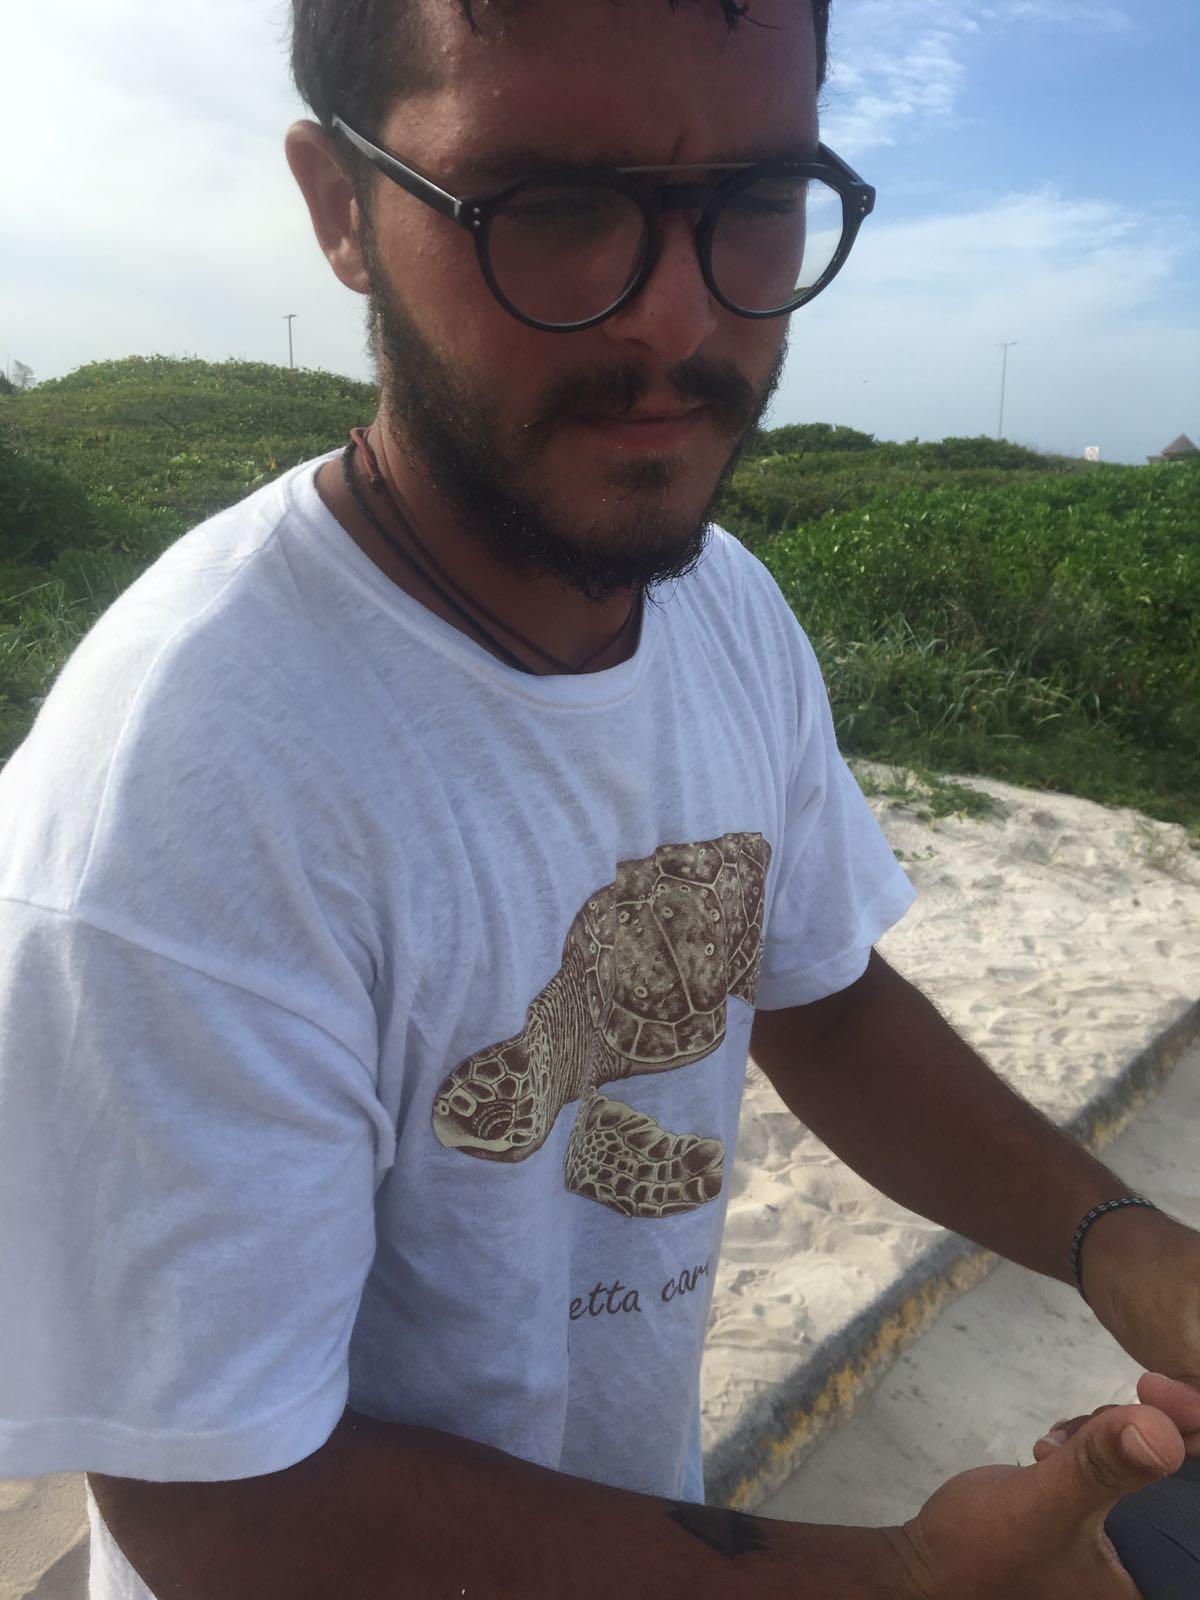 Vacanze e volontariato per liberare in mare le tartarughe for Tartarughe appena nate